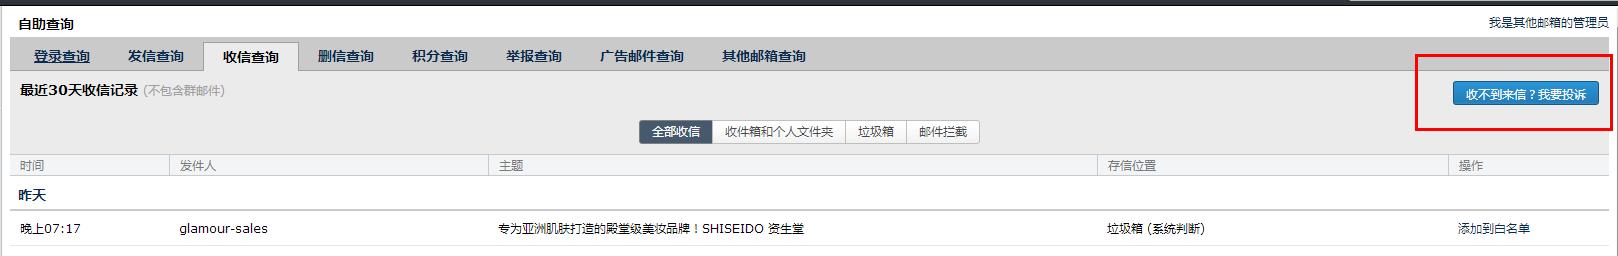 QQ邮箱自助查询3.png